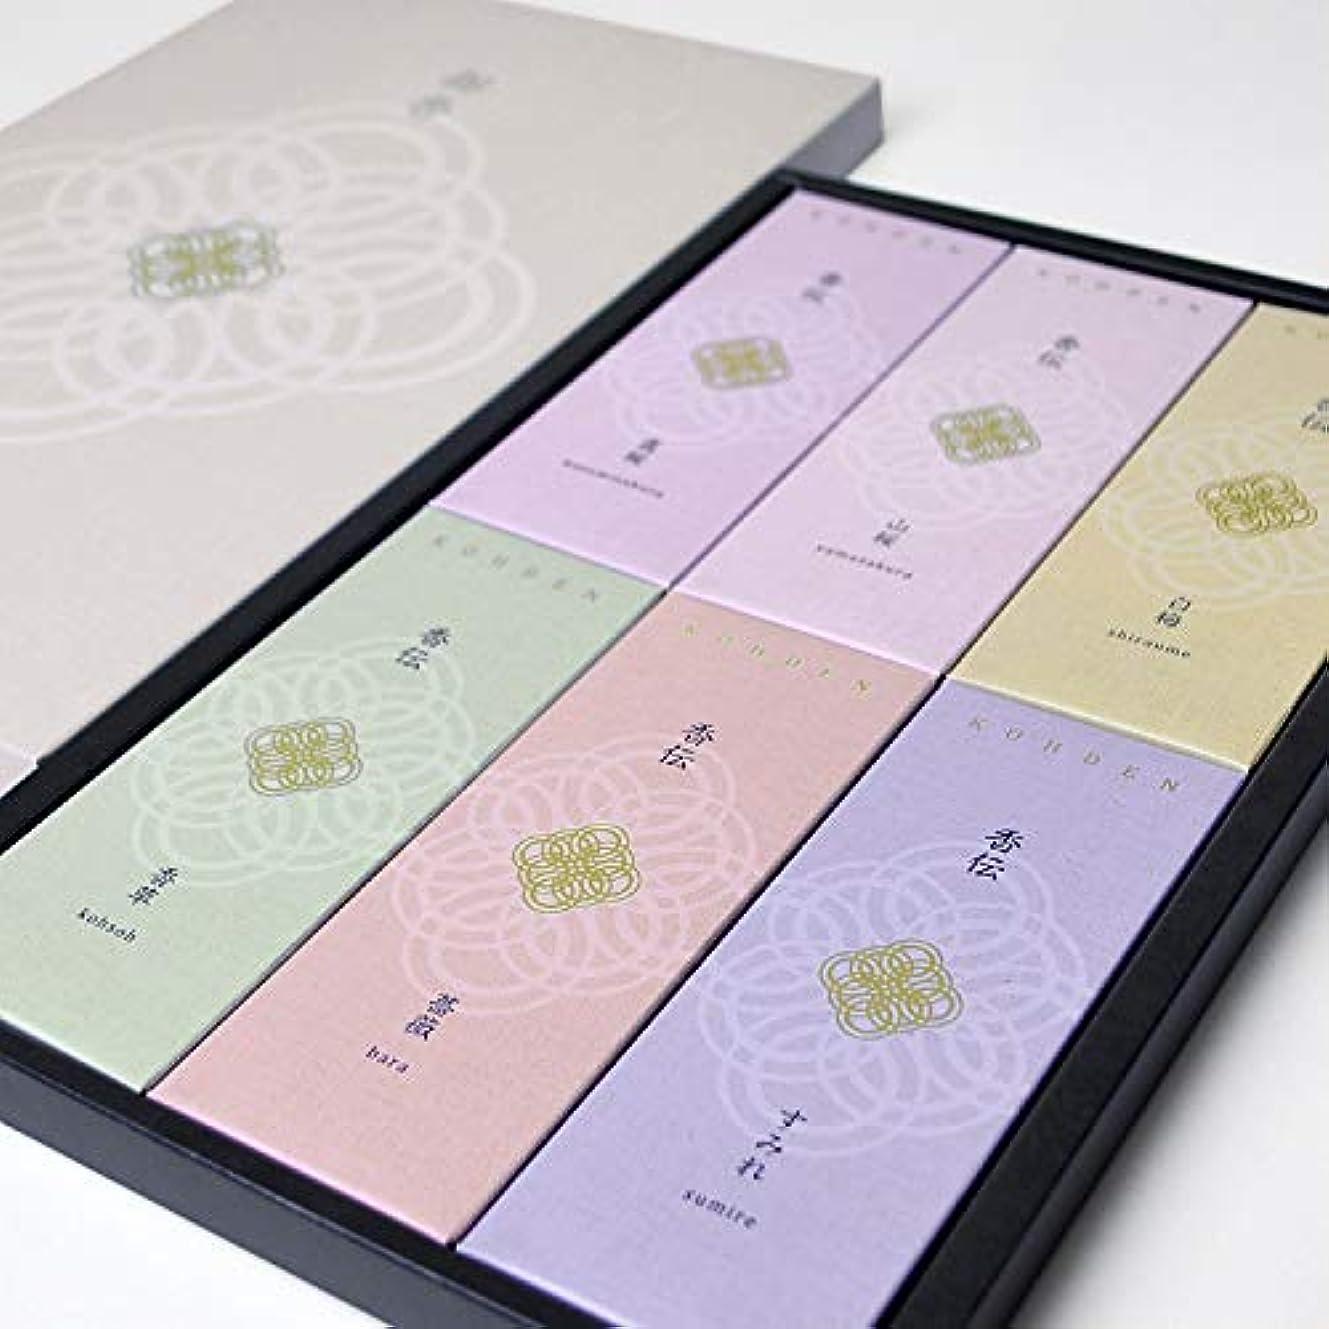 経過帽子規制する(ポストに投函できる進物用)日本香堂 香伝 花の香り 線香6種類 1セット